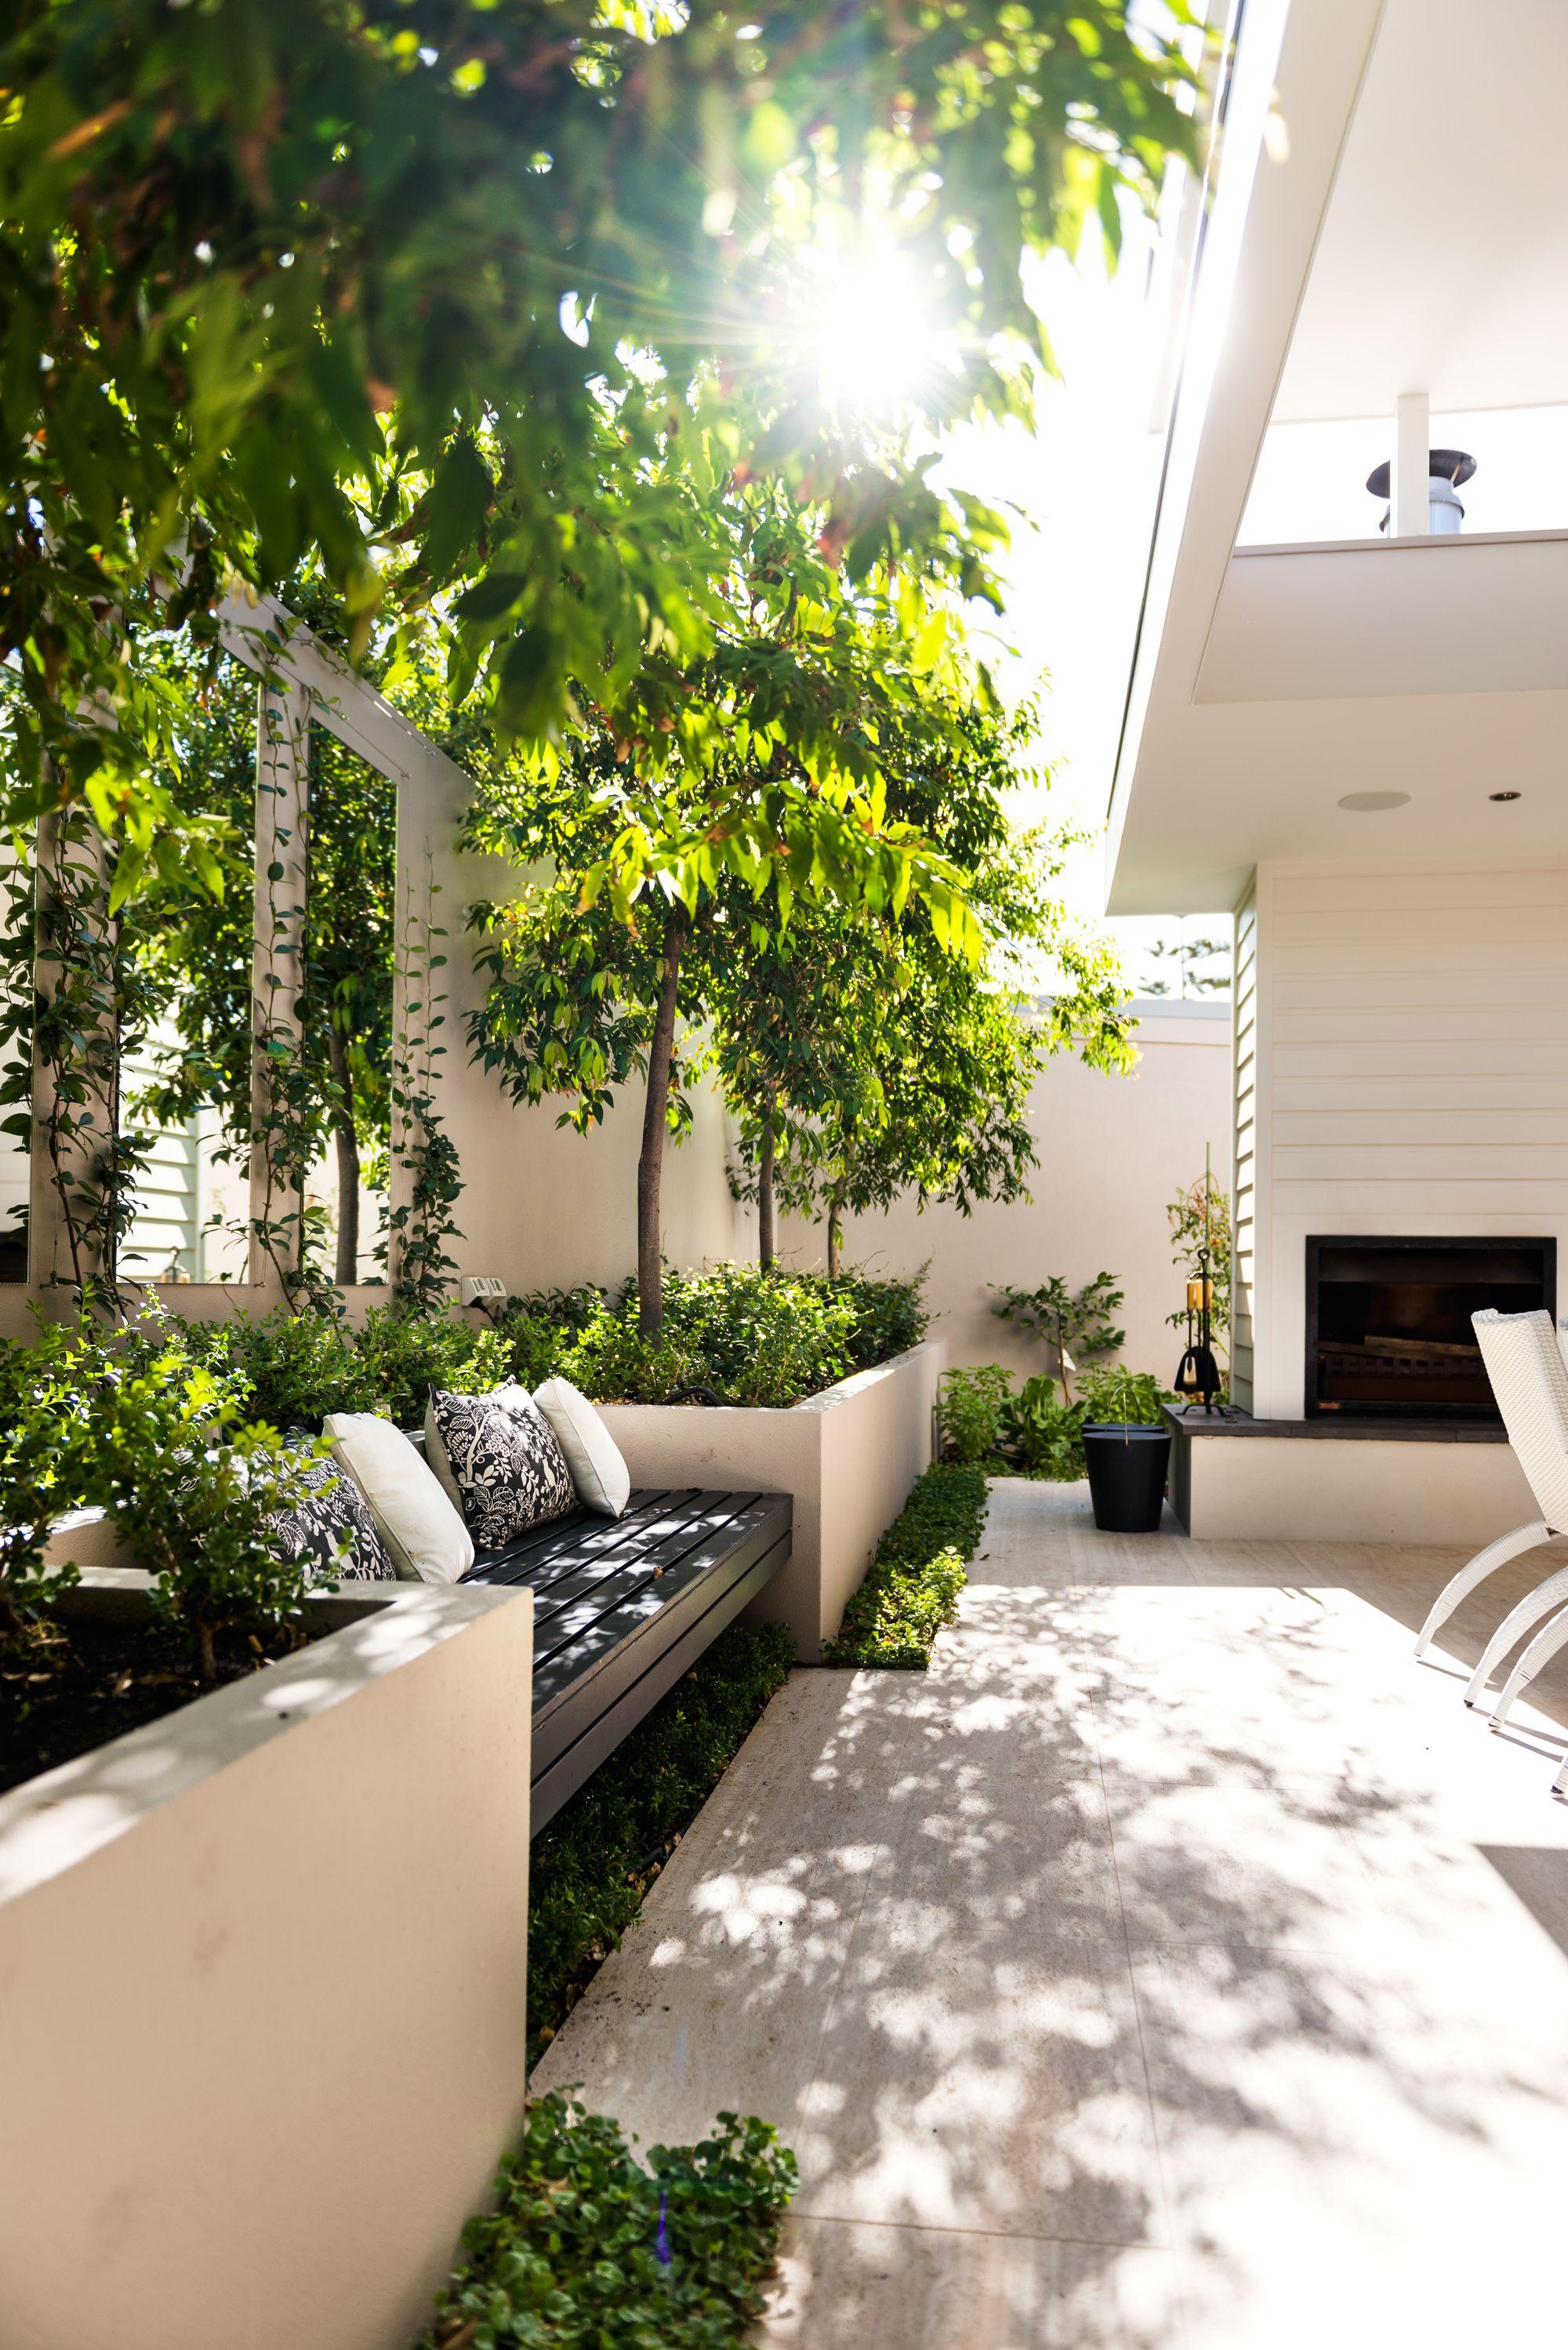 erkunde garten terrasse terrasse ideen und noch mehr - Sichtschutzzaun Fur Ausenbereich Haus Dekoration Ideen Landschaft Garten Und Terrasse